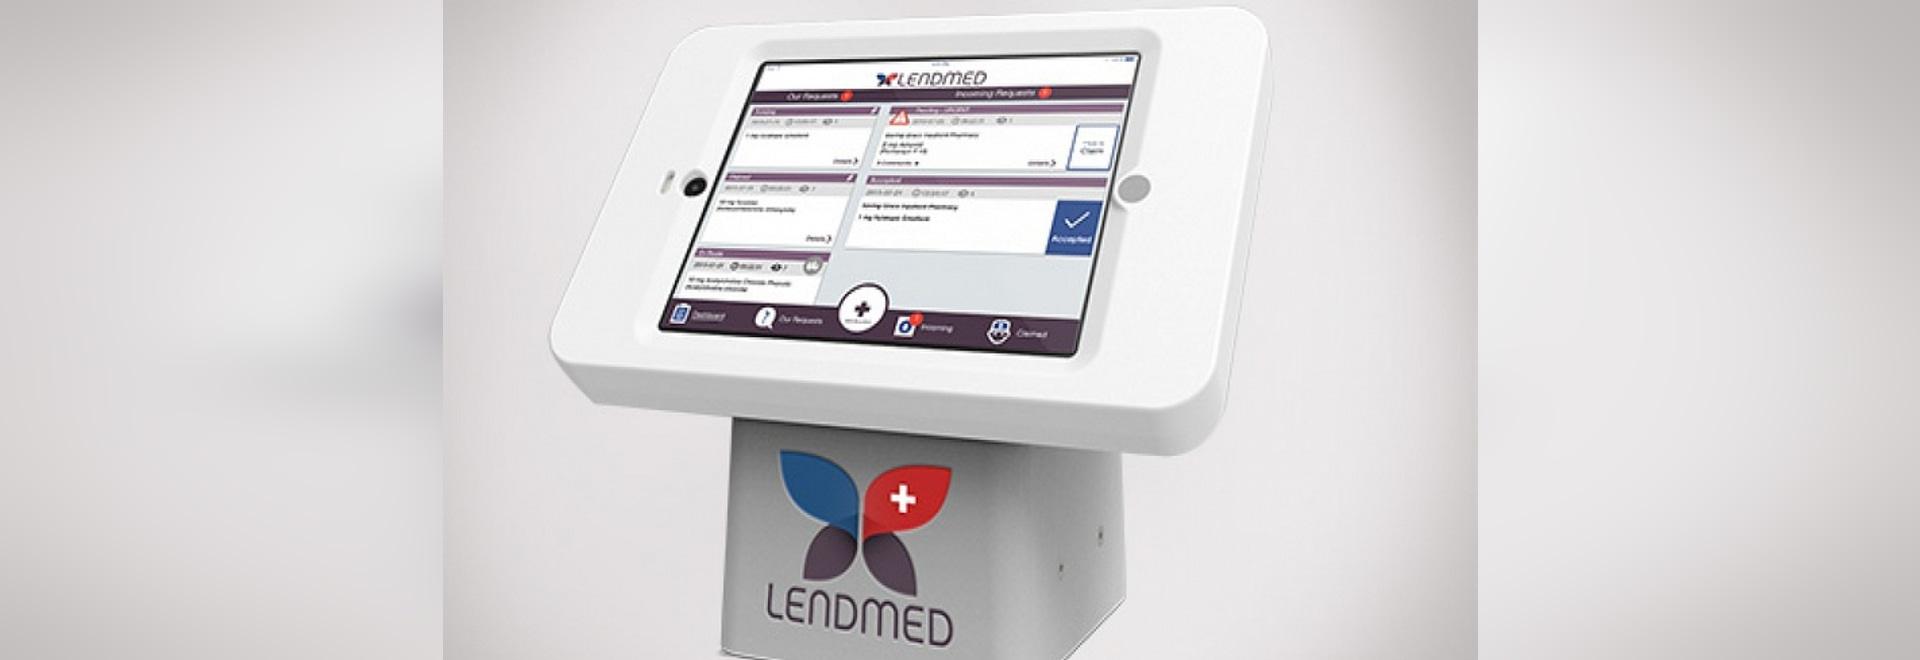 Krankenhäuser der digitalen Steuerung Hilfsausrüstung teilen